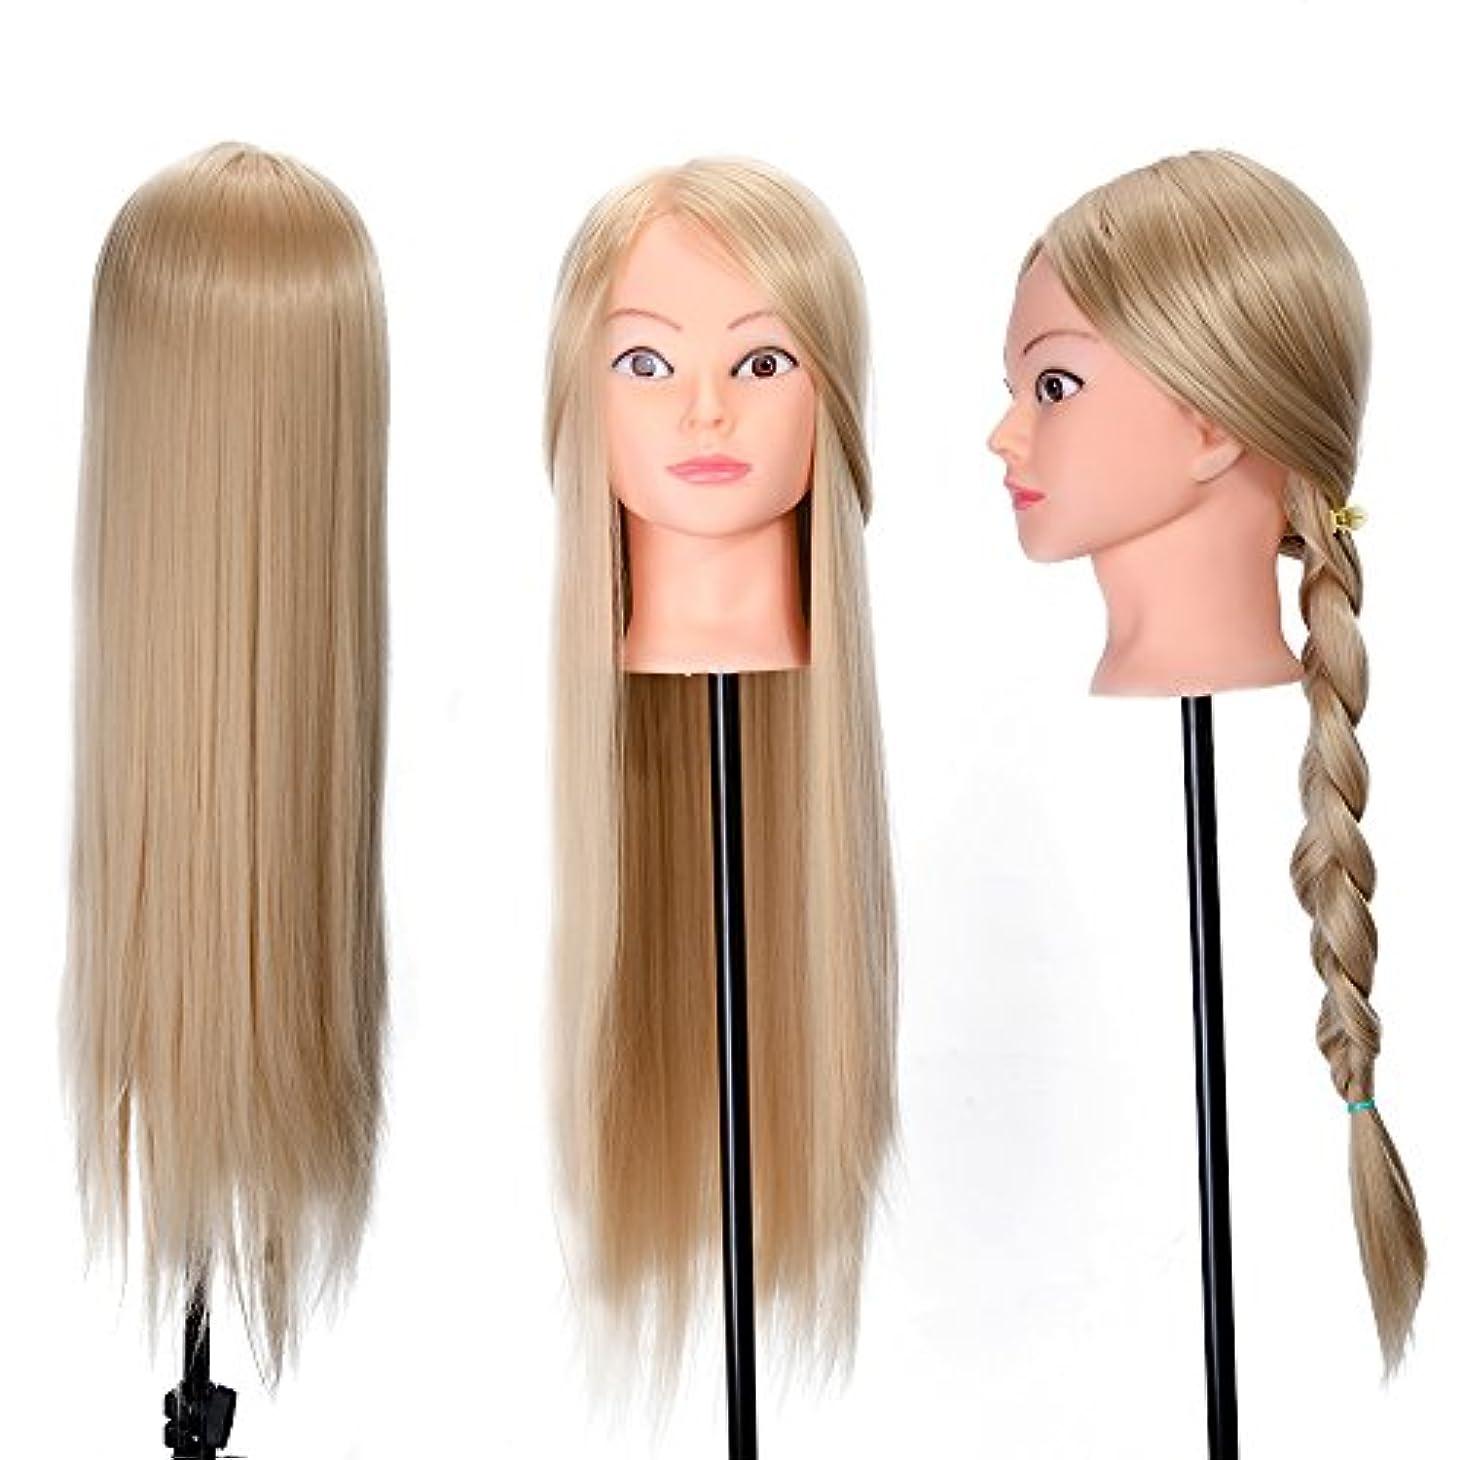 著名な最も探偵26インチトレーニングヘッドヘア編組モデルヘアスタイル人形でテーブルクランプサロンスタイリングデザインマネキンダミーヘッド